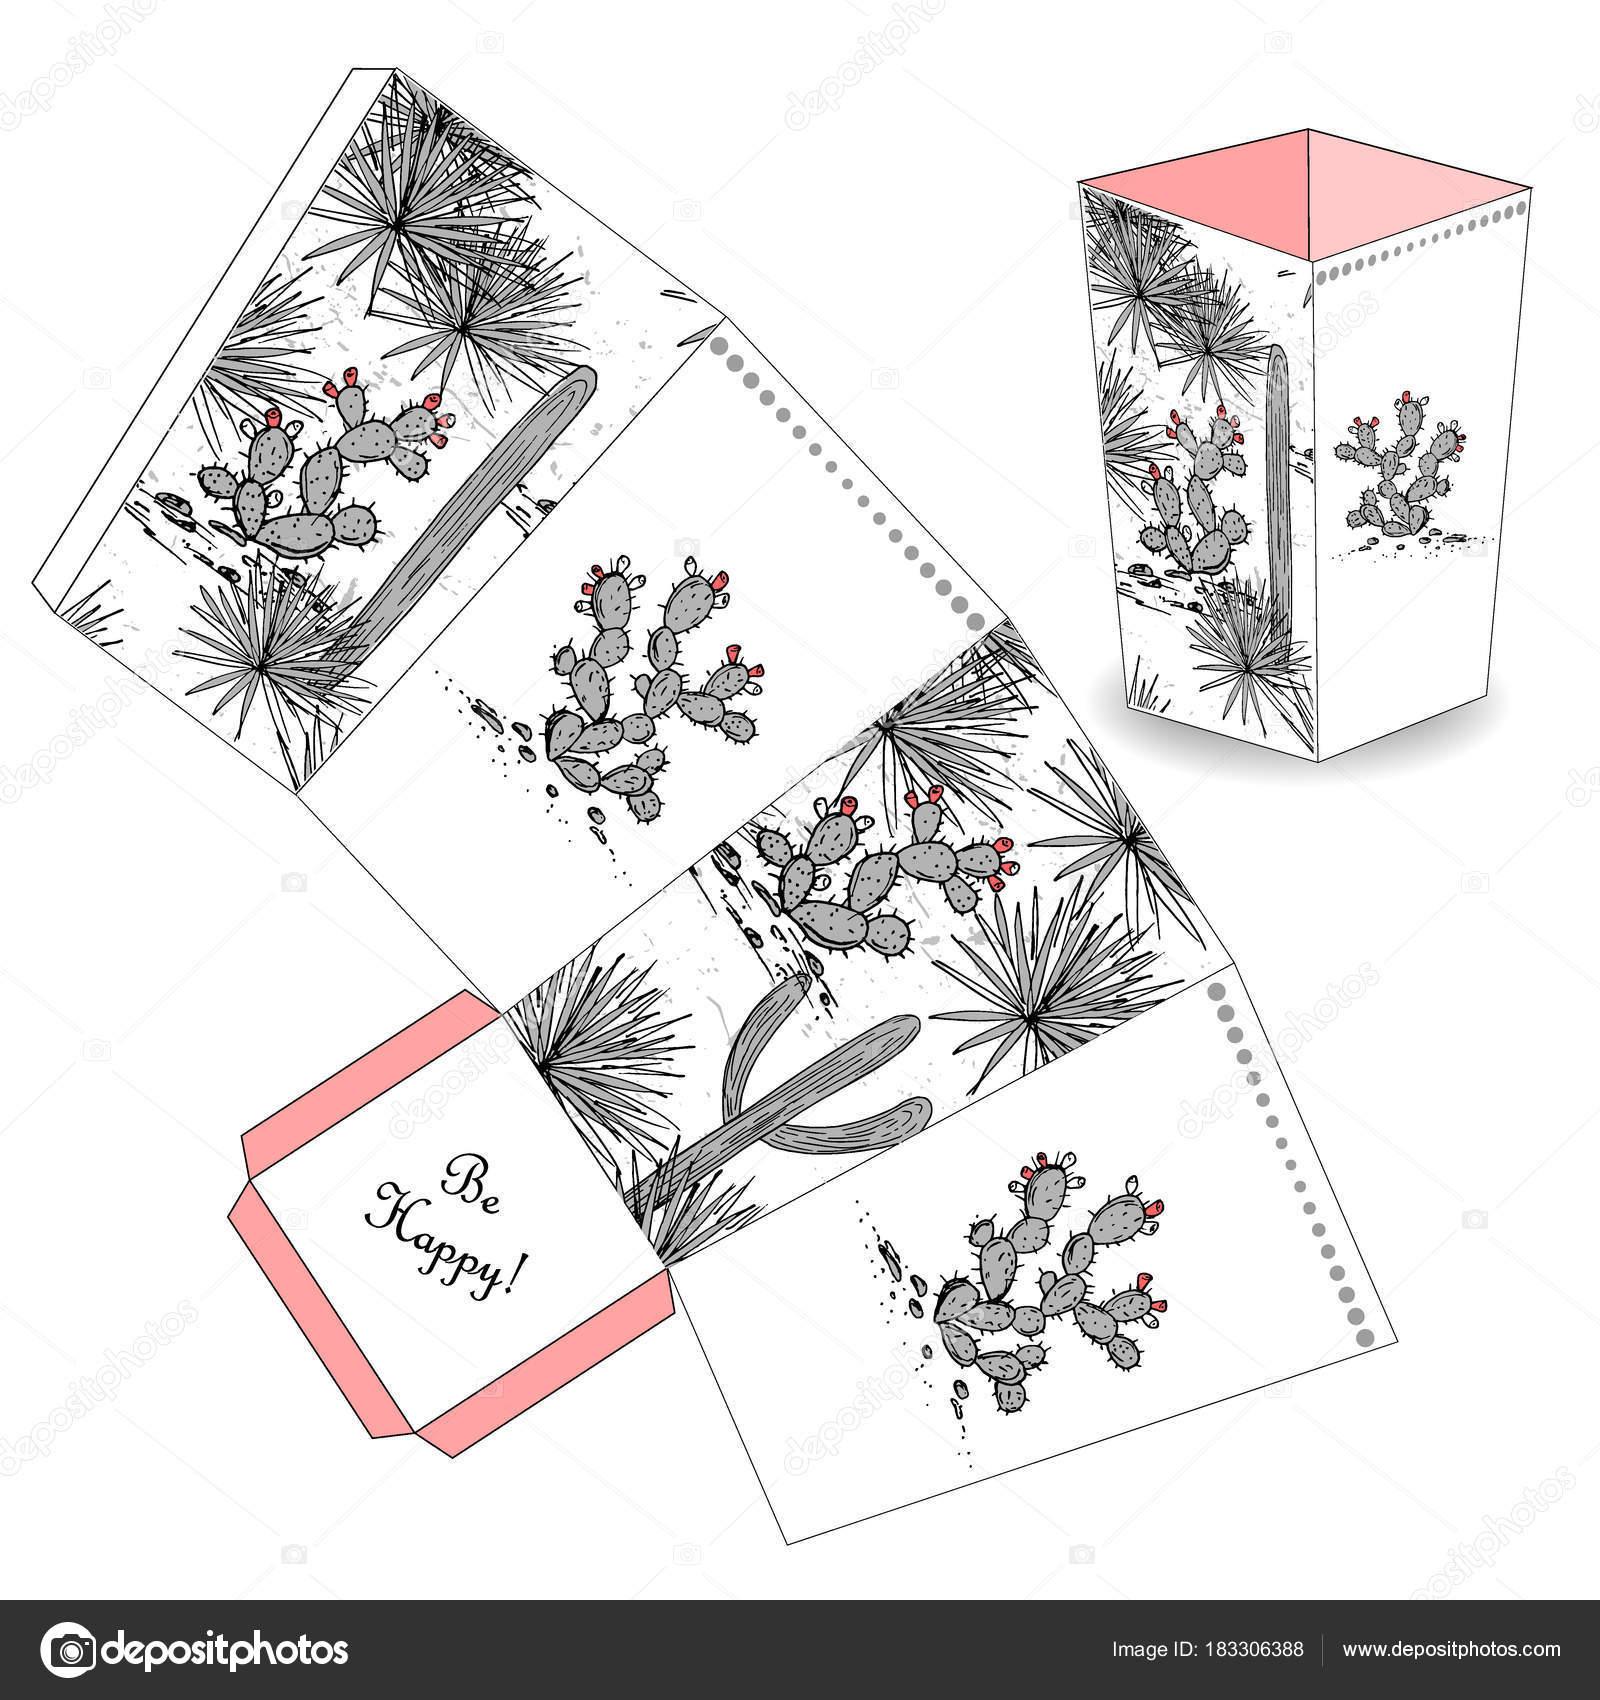 Caixa De Pipoca Bonito Com Cactus De Esboço Desenhado De Mão Favor